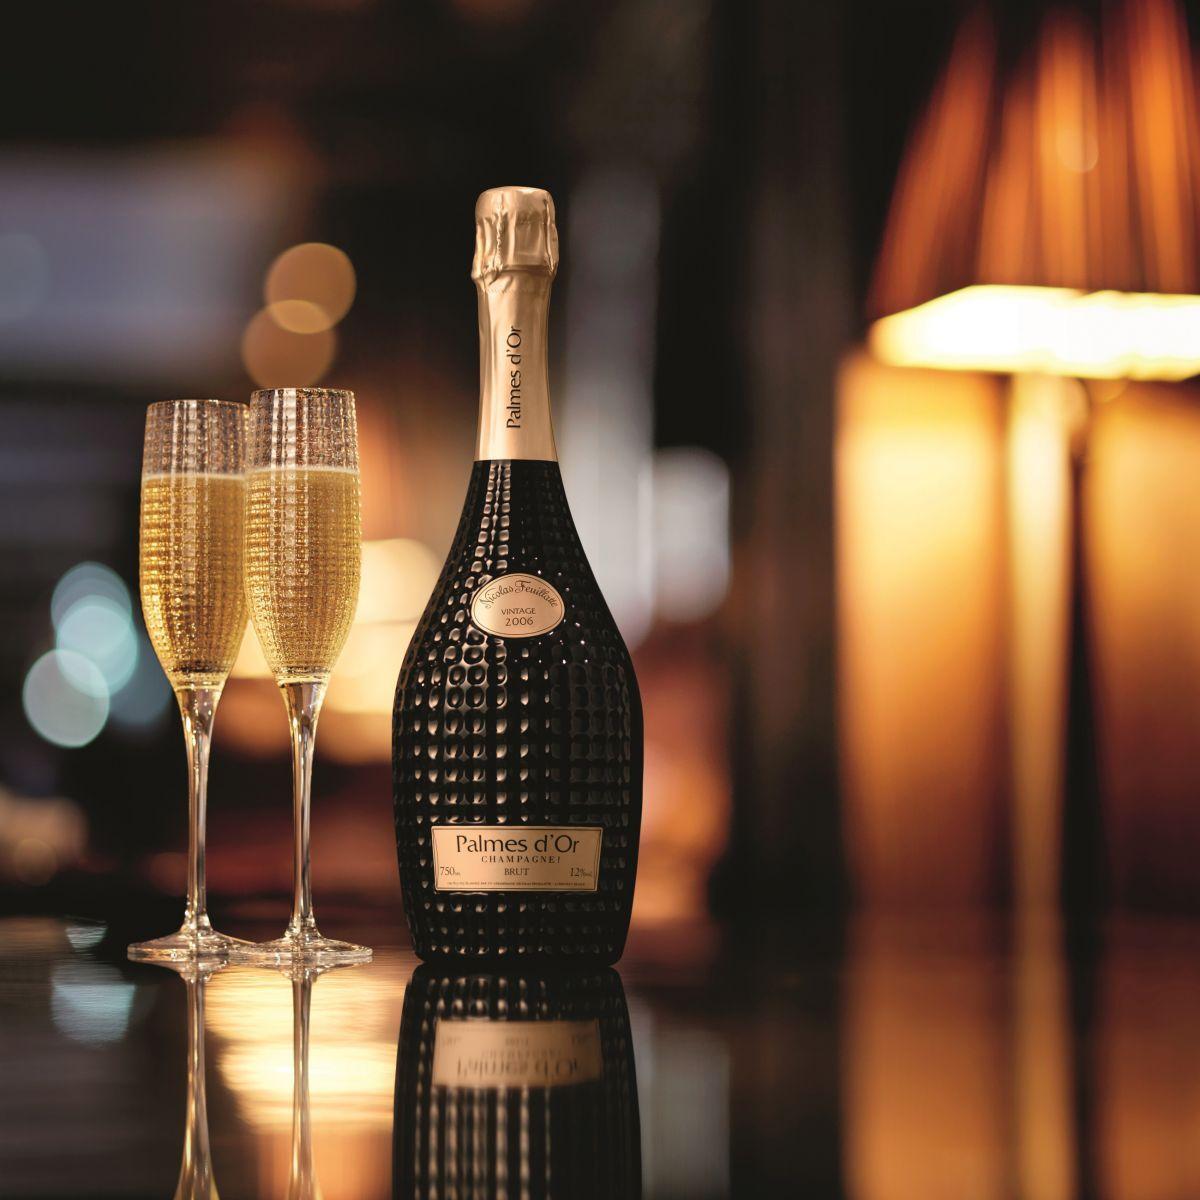 Palmes d'Or de Nicolas Feuillatte, el champagne con más estilo